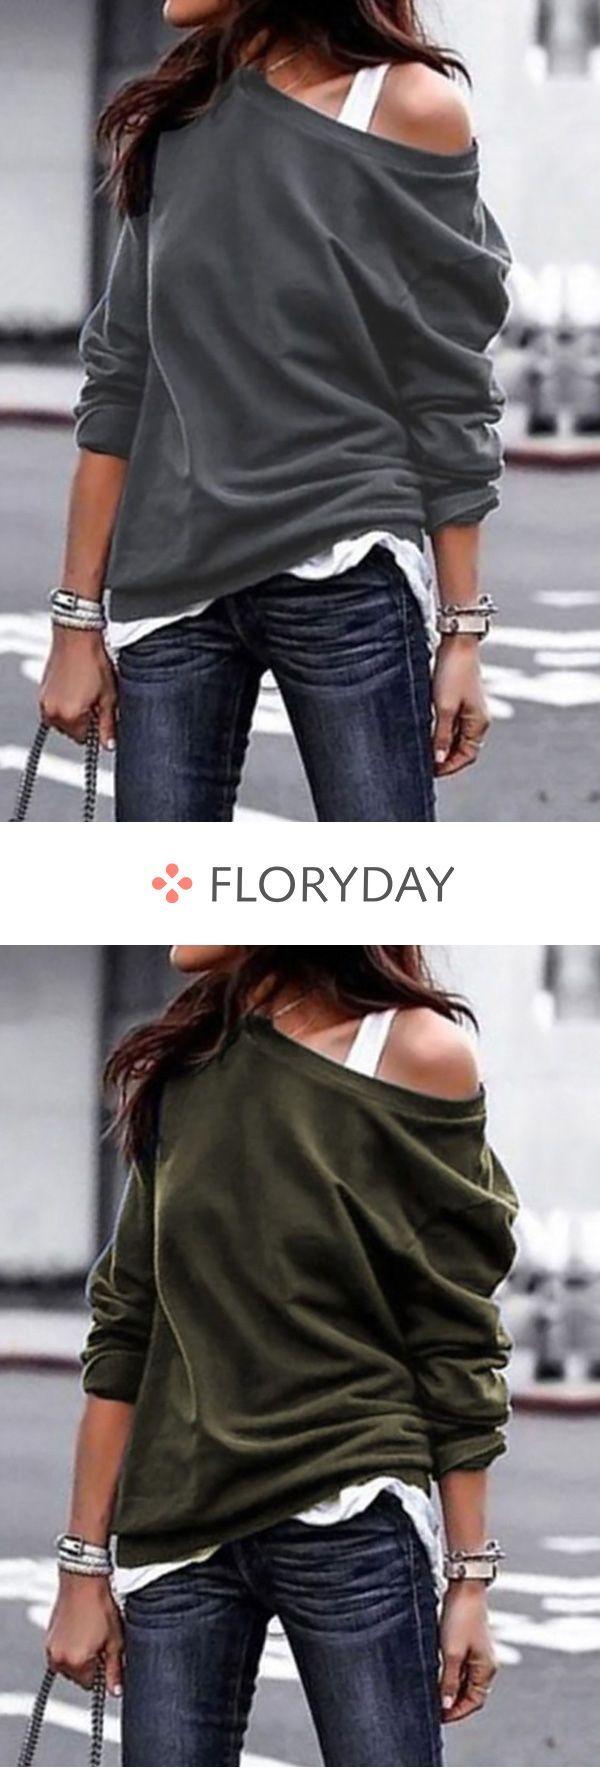 Sweatshirts mit schrägen Halsausschnitt,  #Halsausschnitt #mit #schrägen #SommerStrick #Sweat…